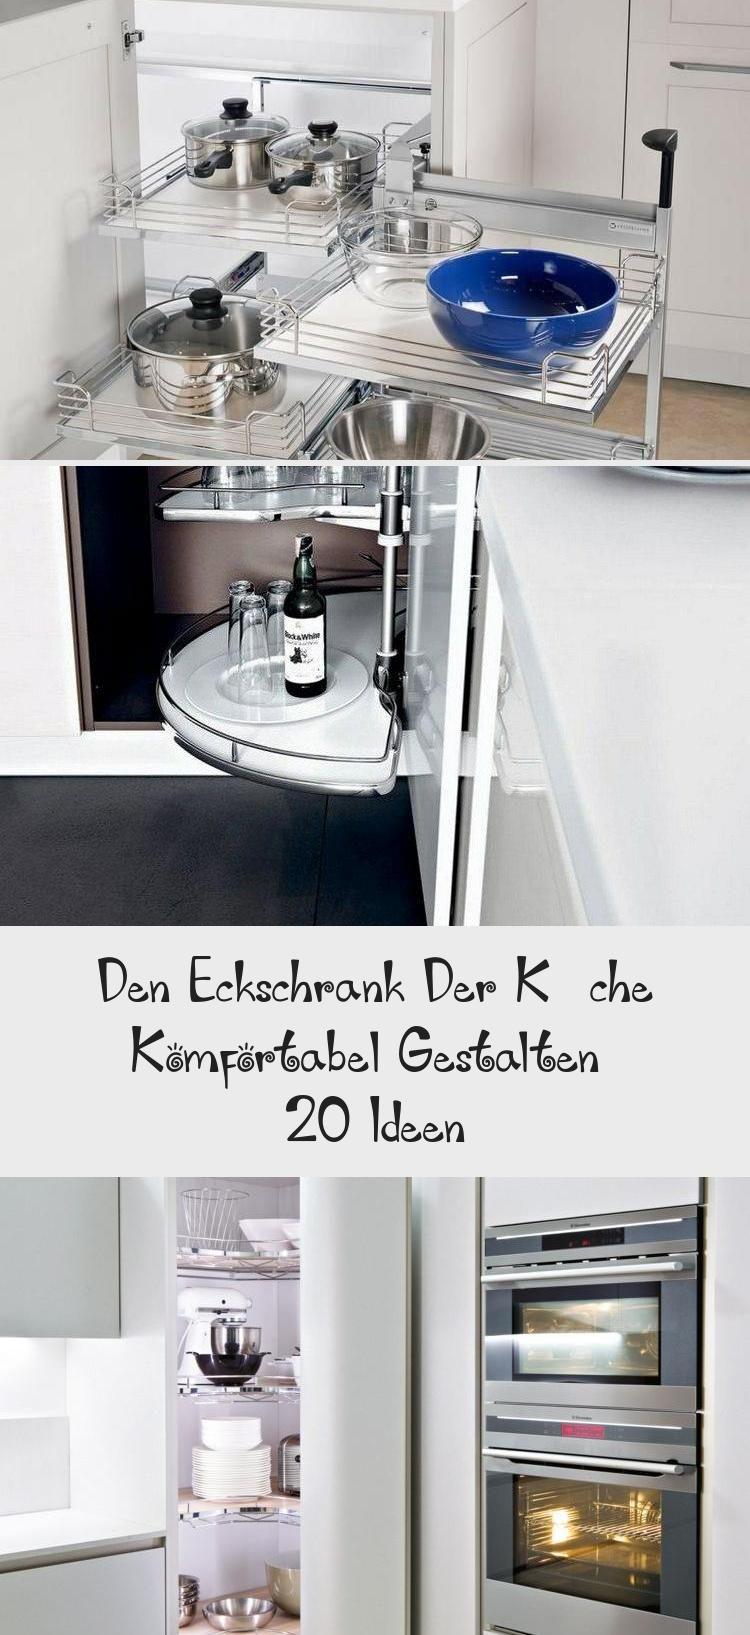 Full Size of Küche Eckschrank Rondell Bodenbelag Ikea Kosten Musterküche Behindertengerechte Betonoptik Tapete Modern Landhausküche Gebraucht Ohne Geräte Deko Für Wohnzimmer Küche Eckschrank Rondell